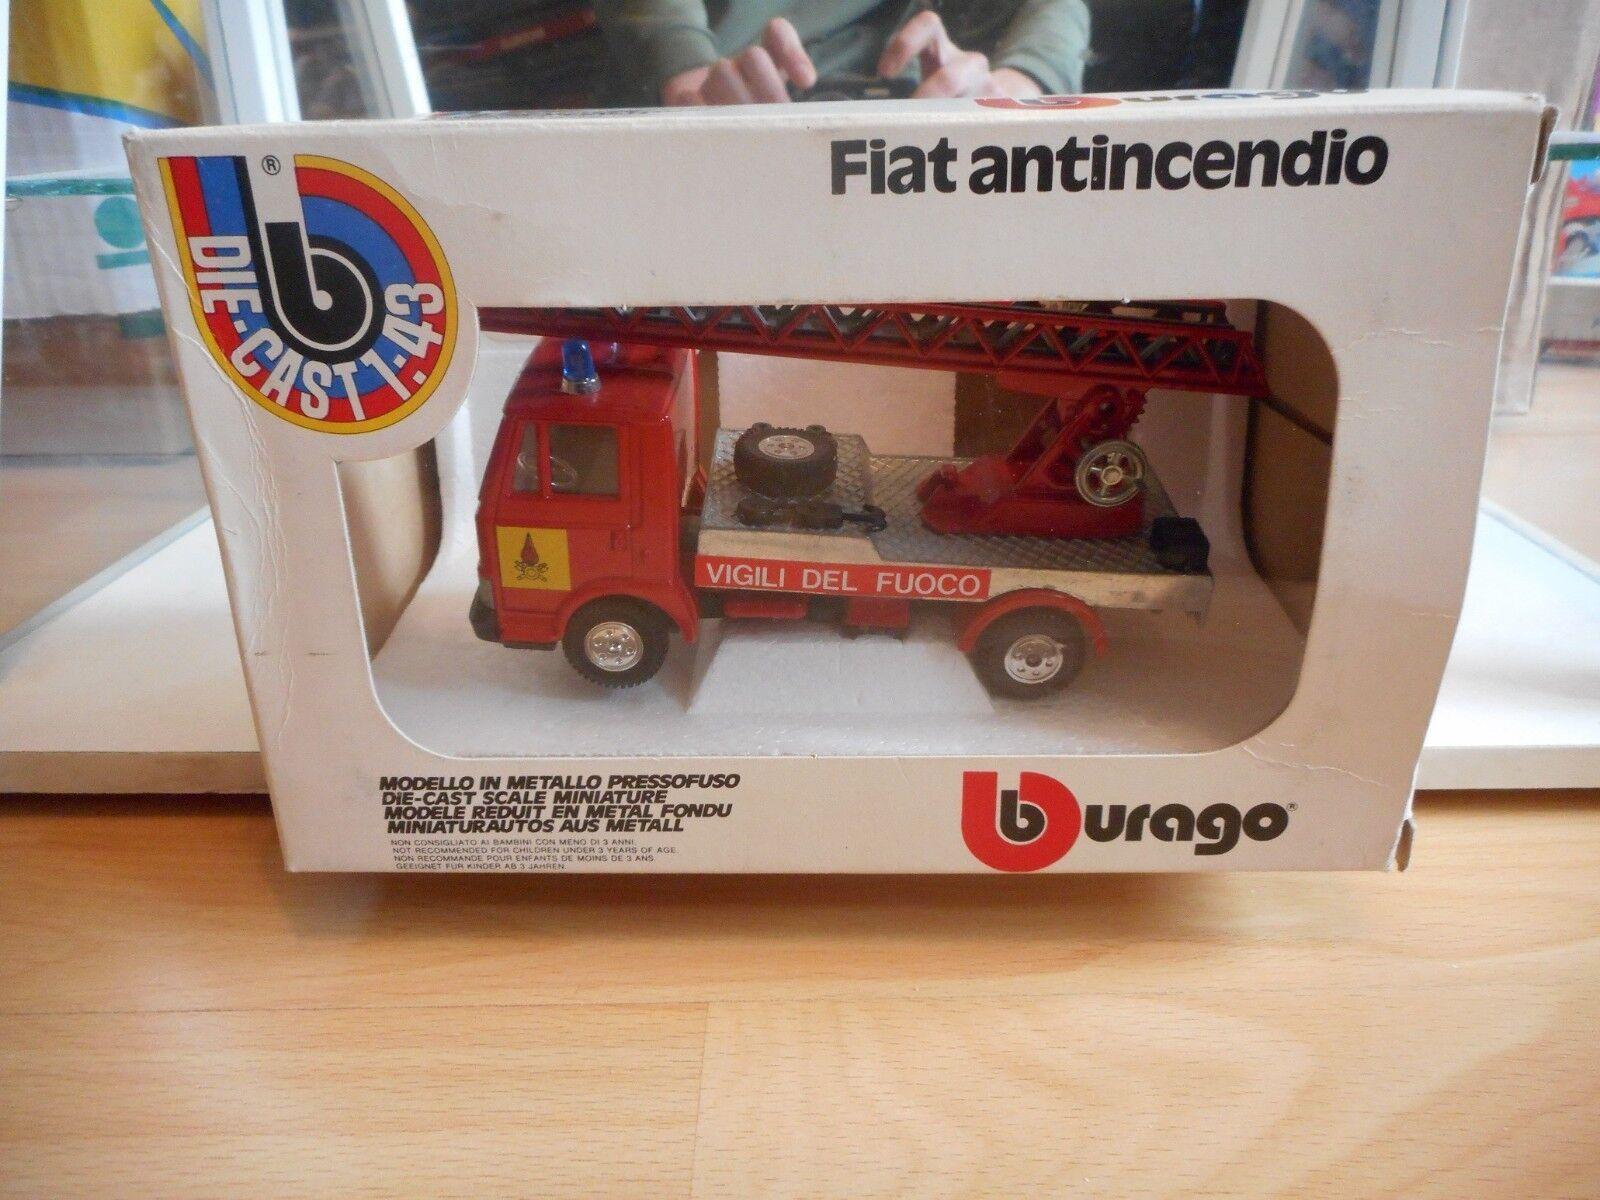 Bburago burago Fiat 50 NC Antincendio Vigili Del Fuoco in rosso on 1:43 in Box